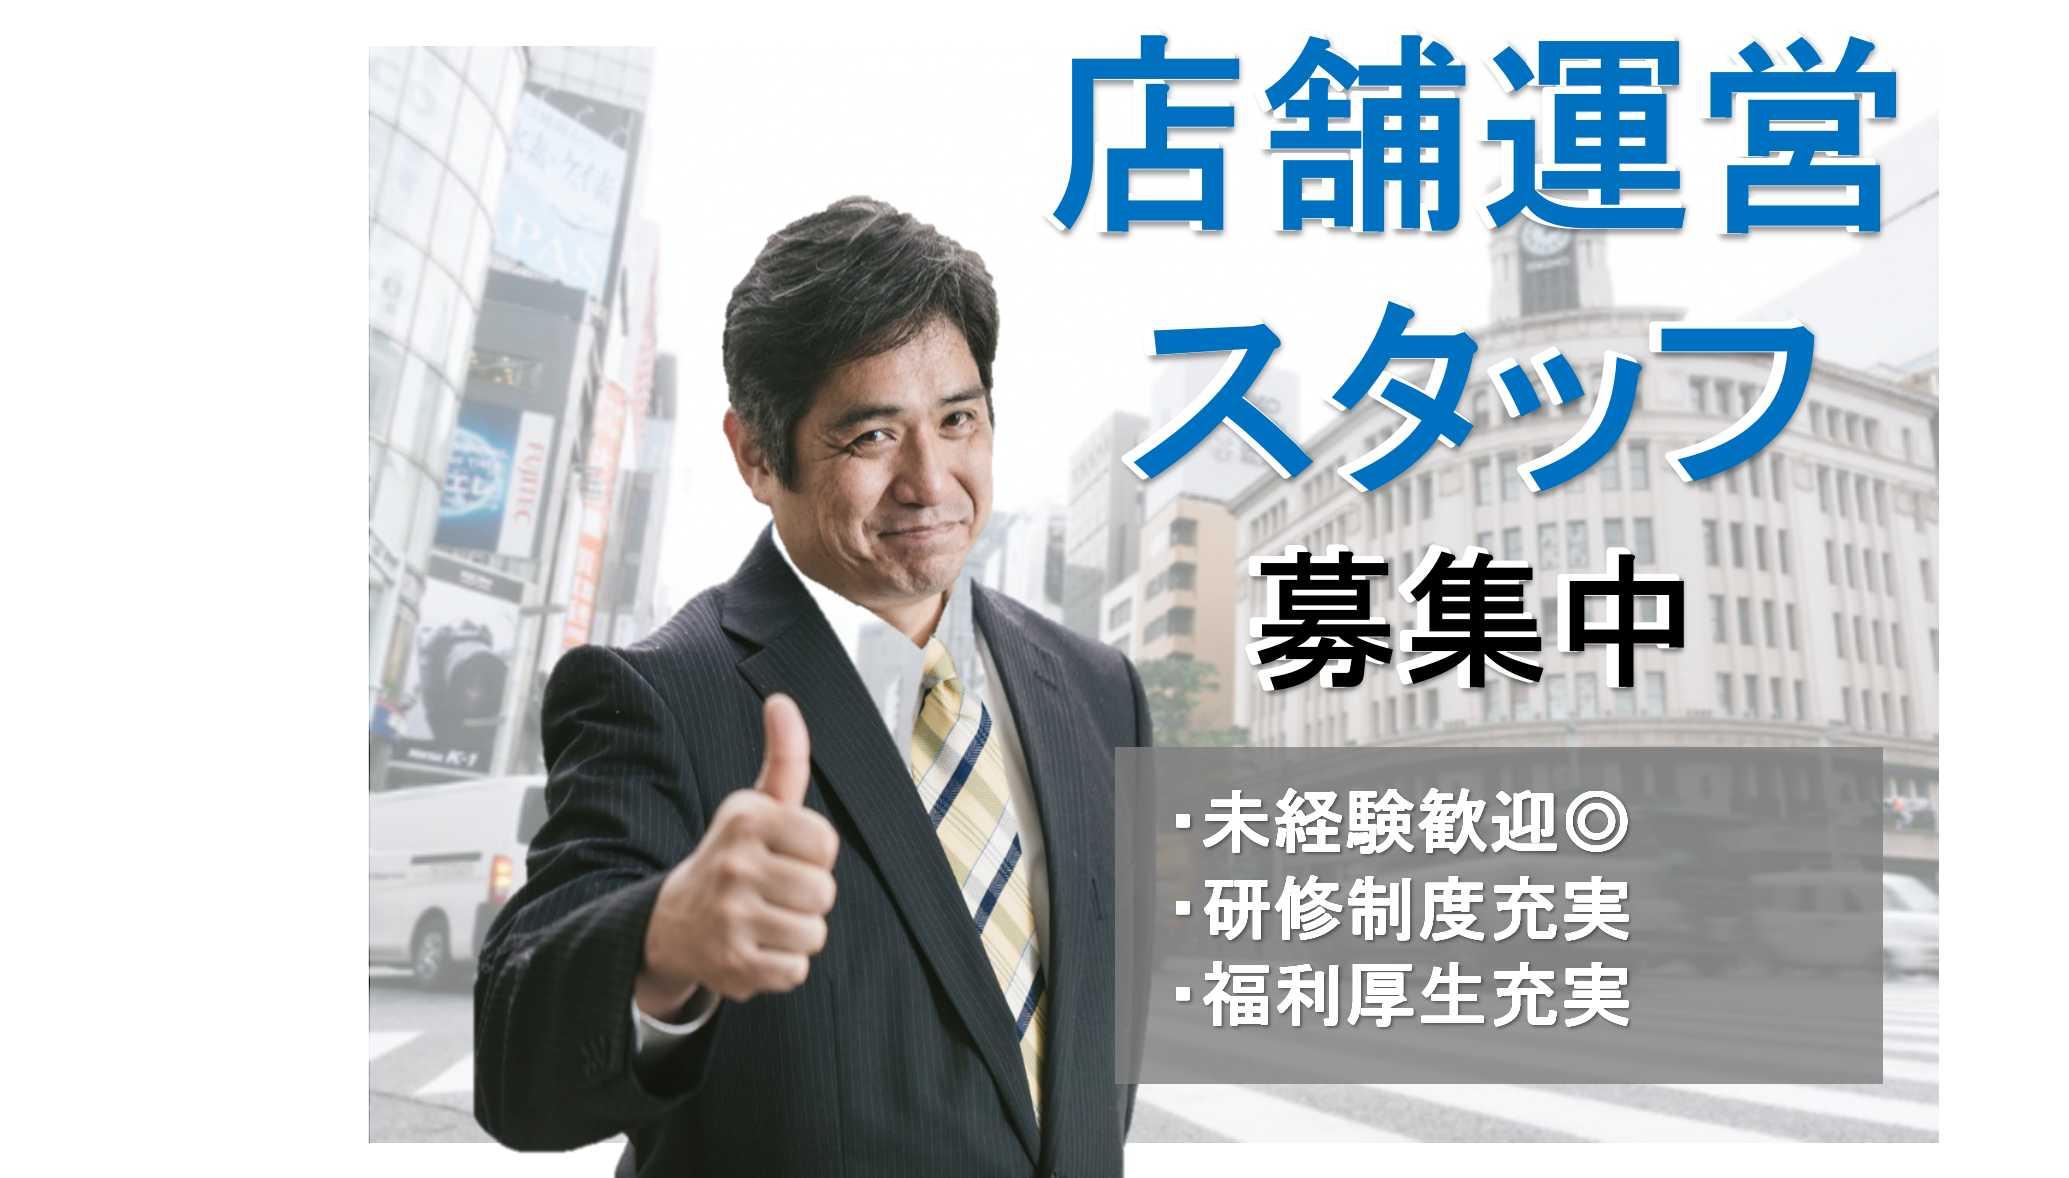 【急募】従業員の時間管理を徹底!福利厚生充実!店舗運営スタッフ イメージ